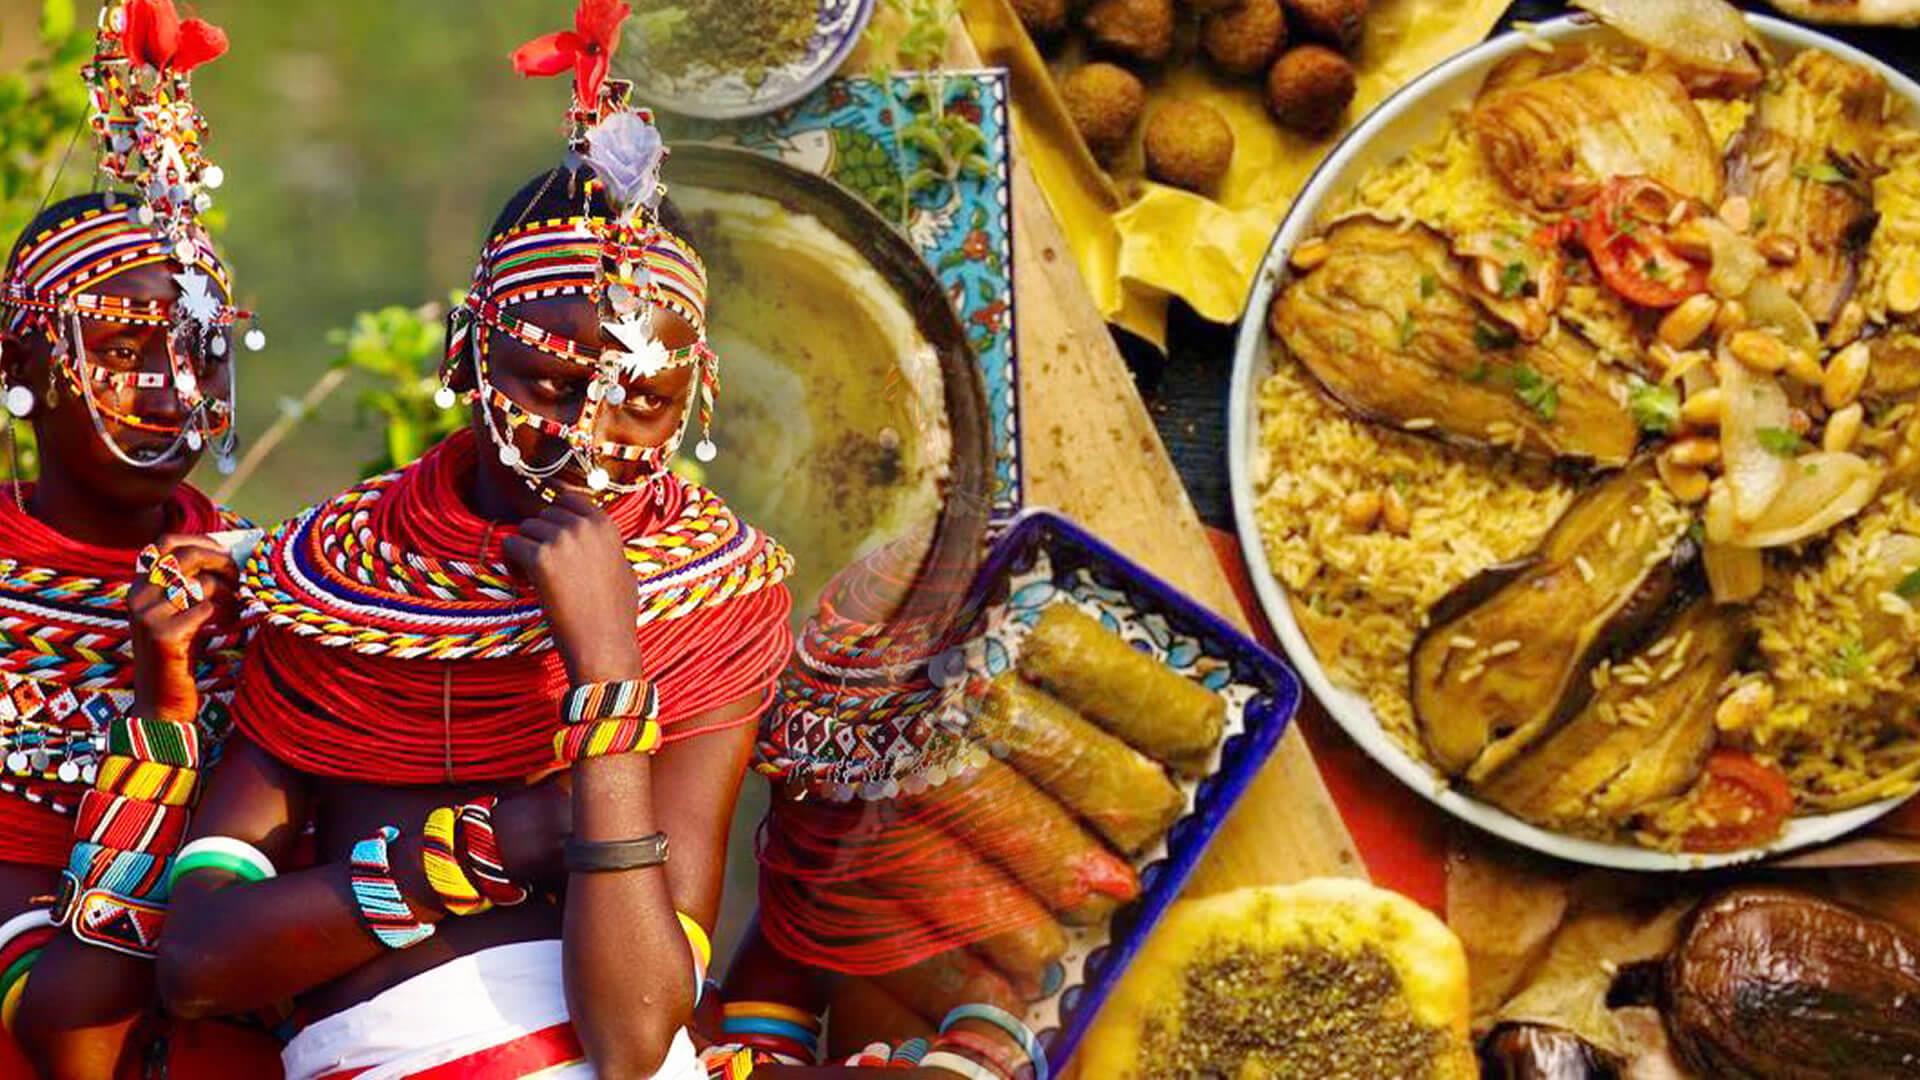 Arole Cultural | De todos os costumes e tradições africanas das quais recebemos influência no Brasil, talvez a culinária seja a mais presente - e certamente é a...